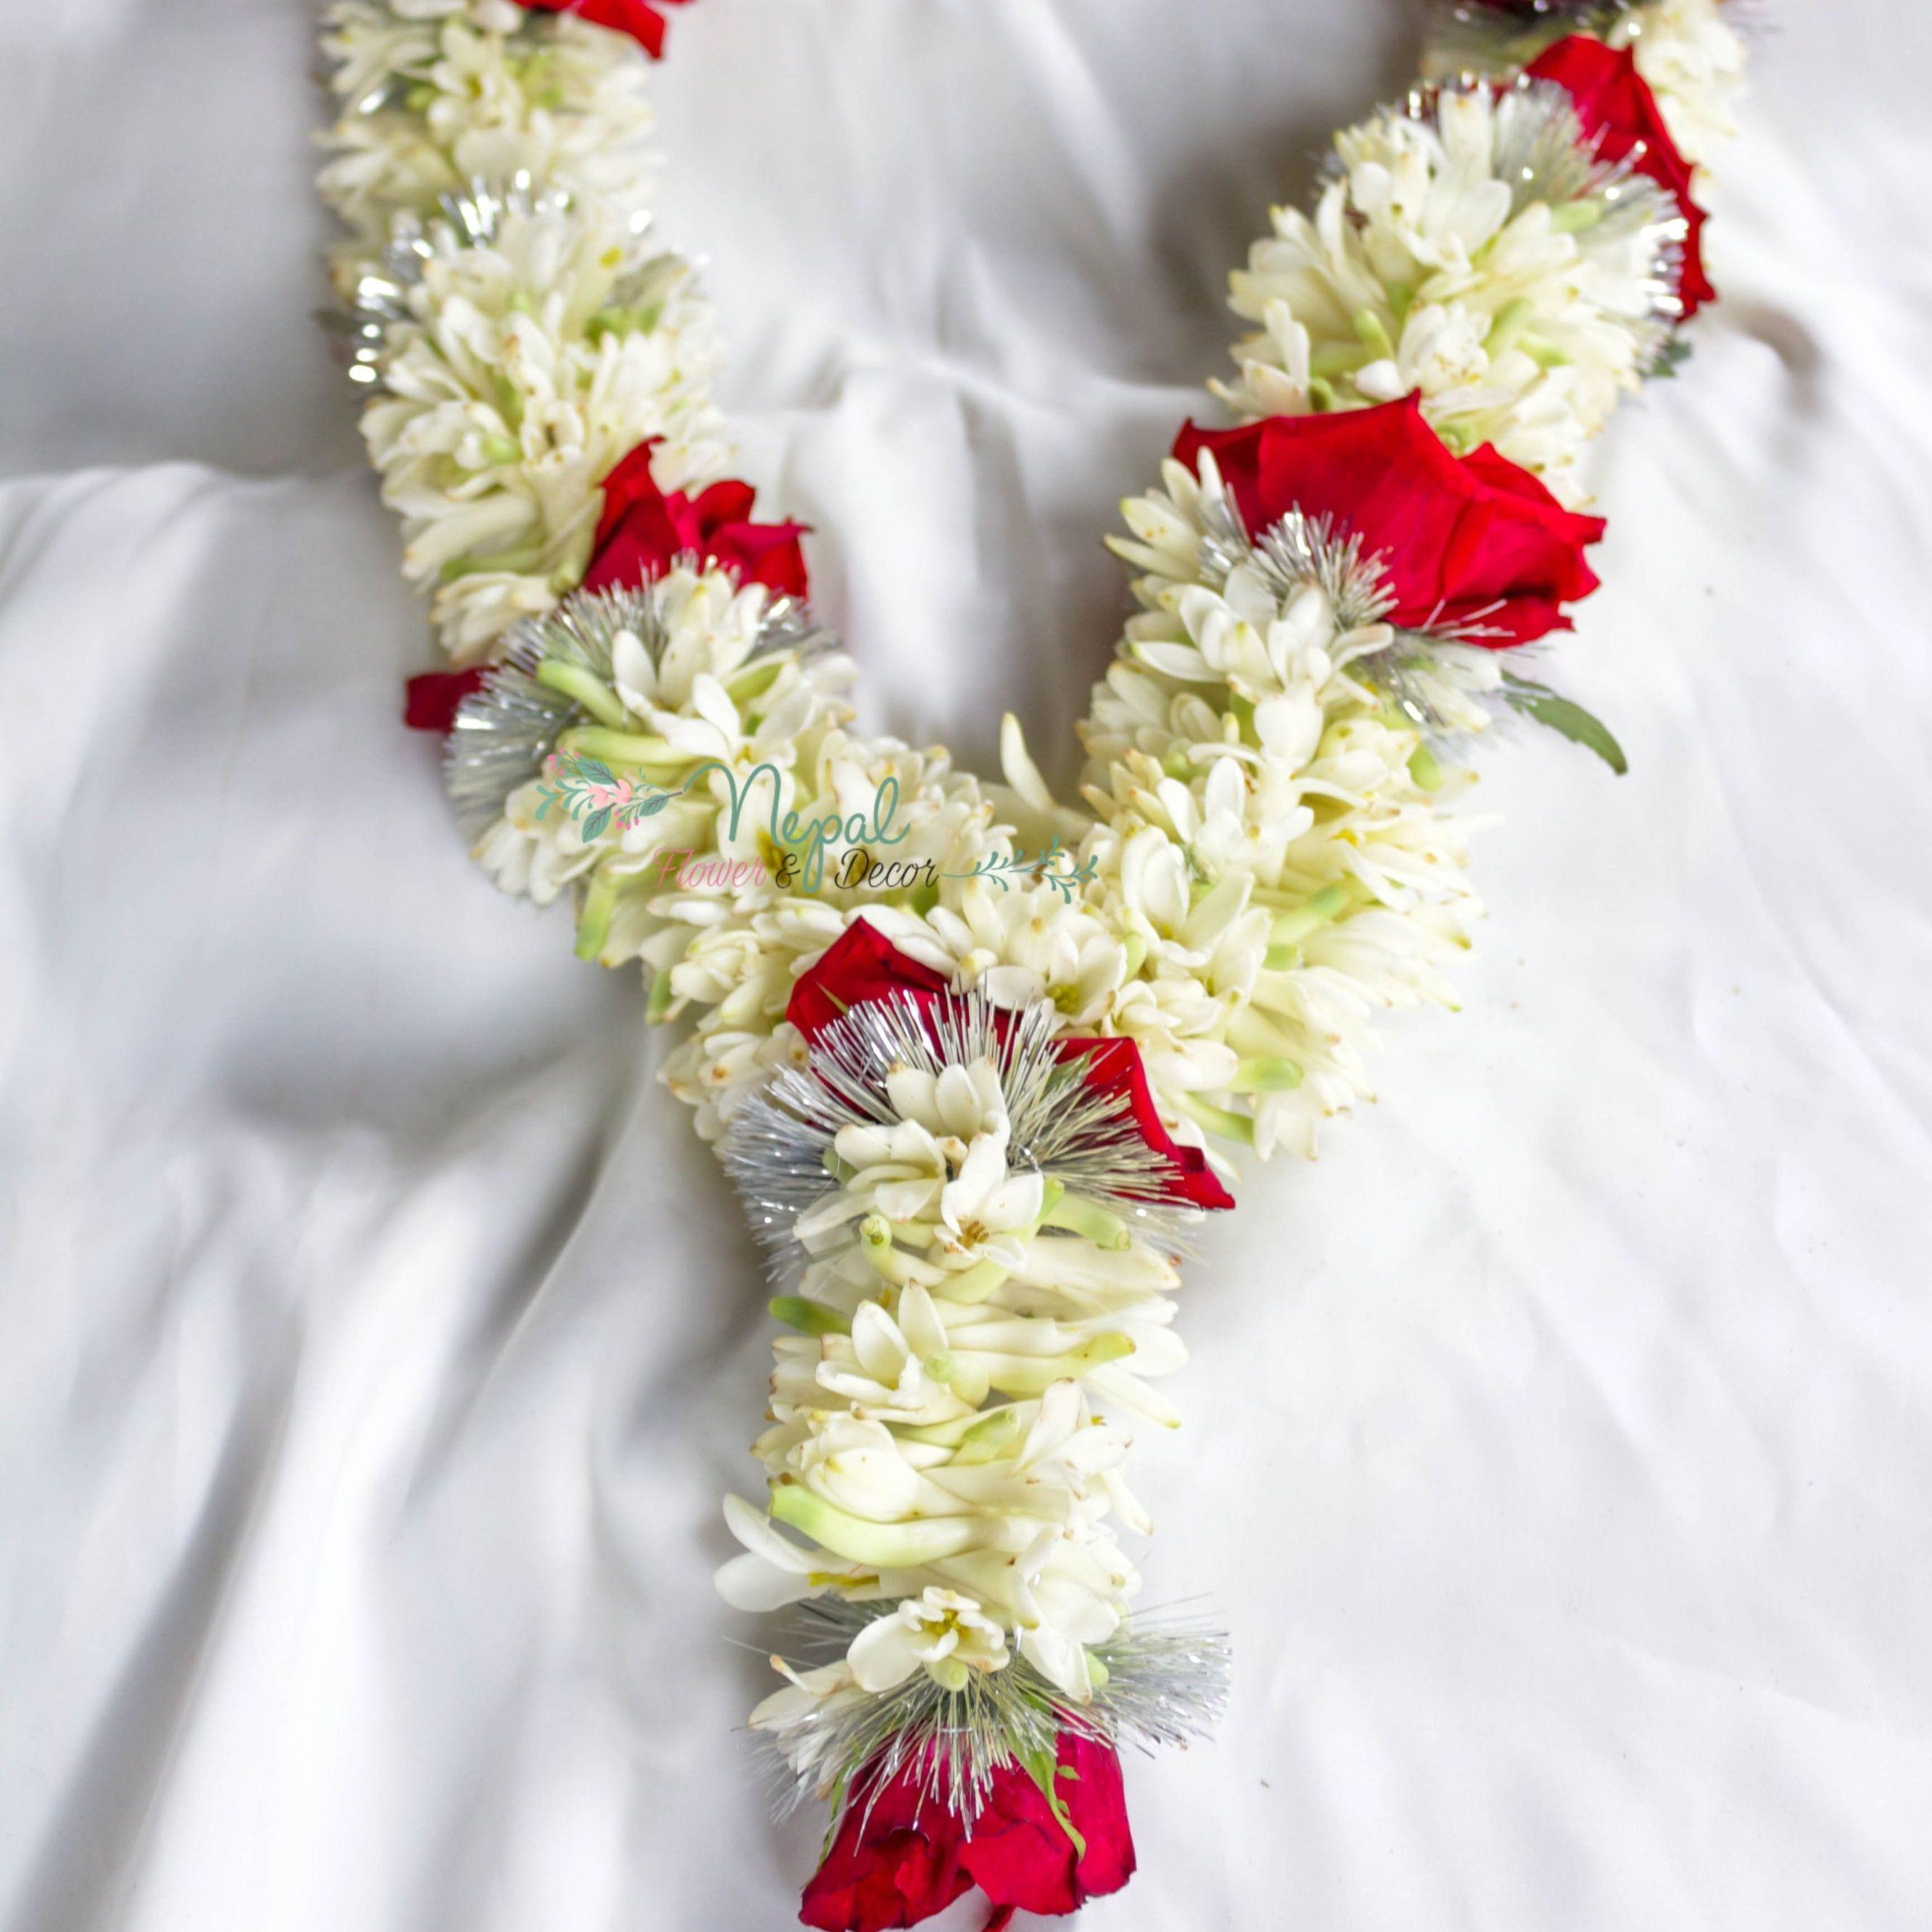 Tuberose Garland Wedding Garland In Nepal Rajanigandha Mala